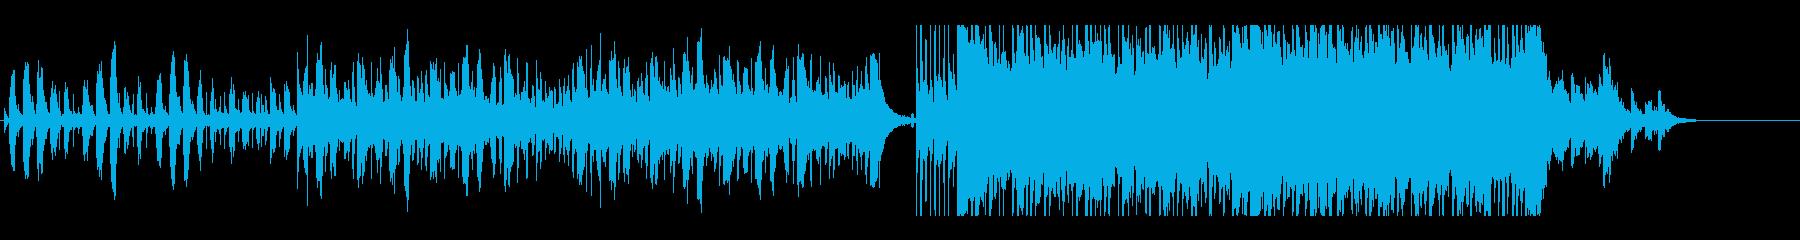 後半ロックなエレクトリックの再生済みの波形